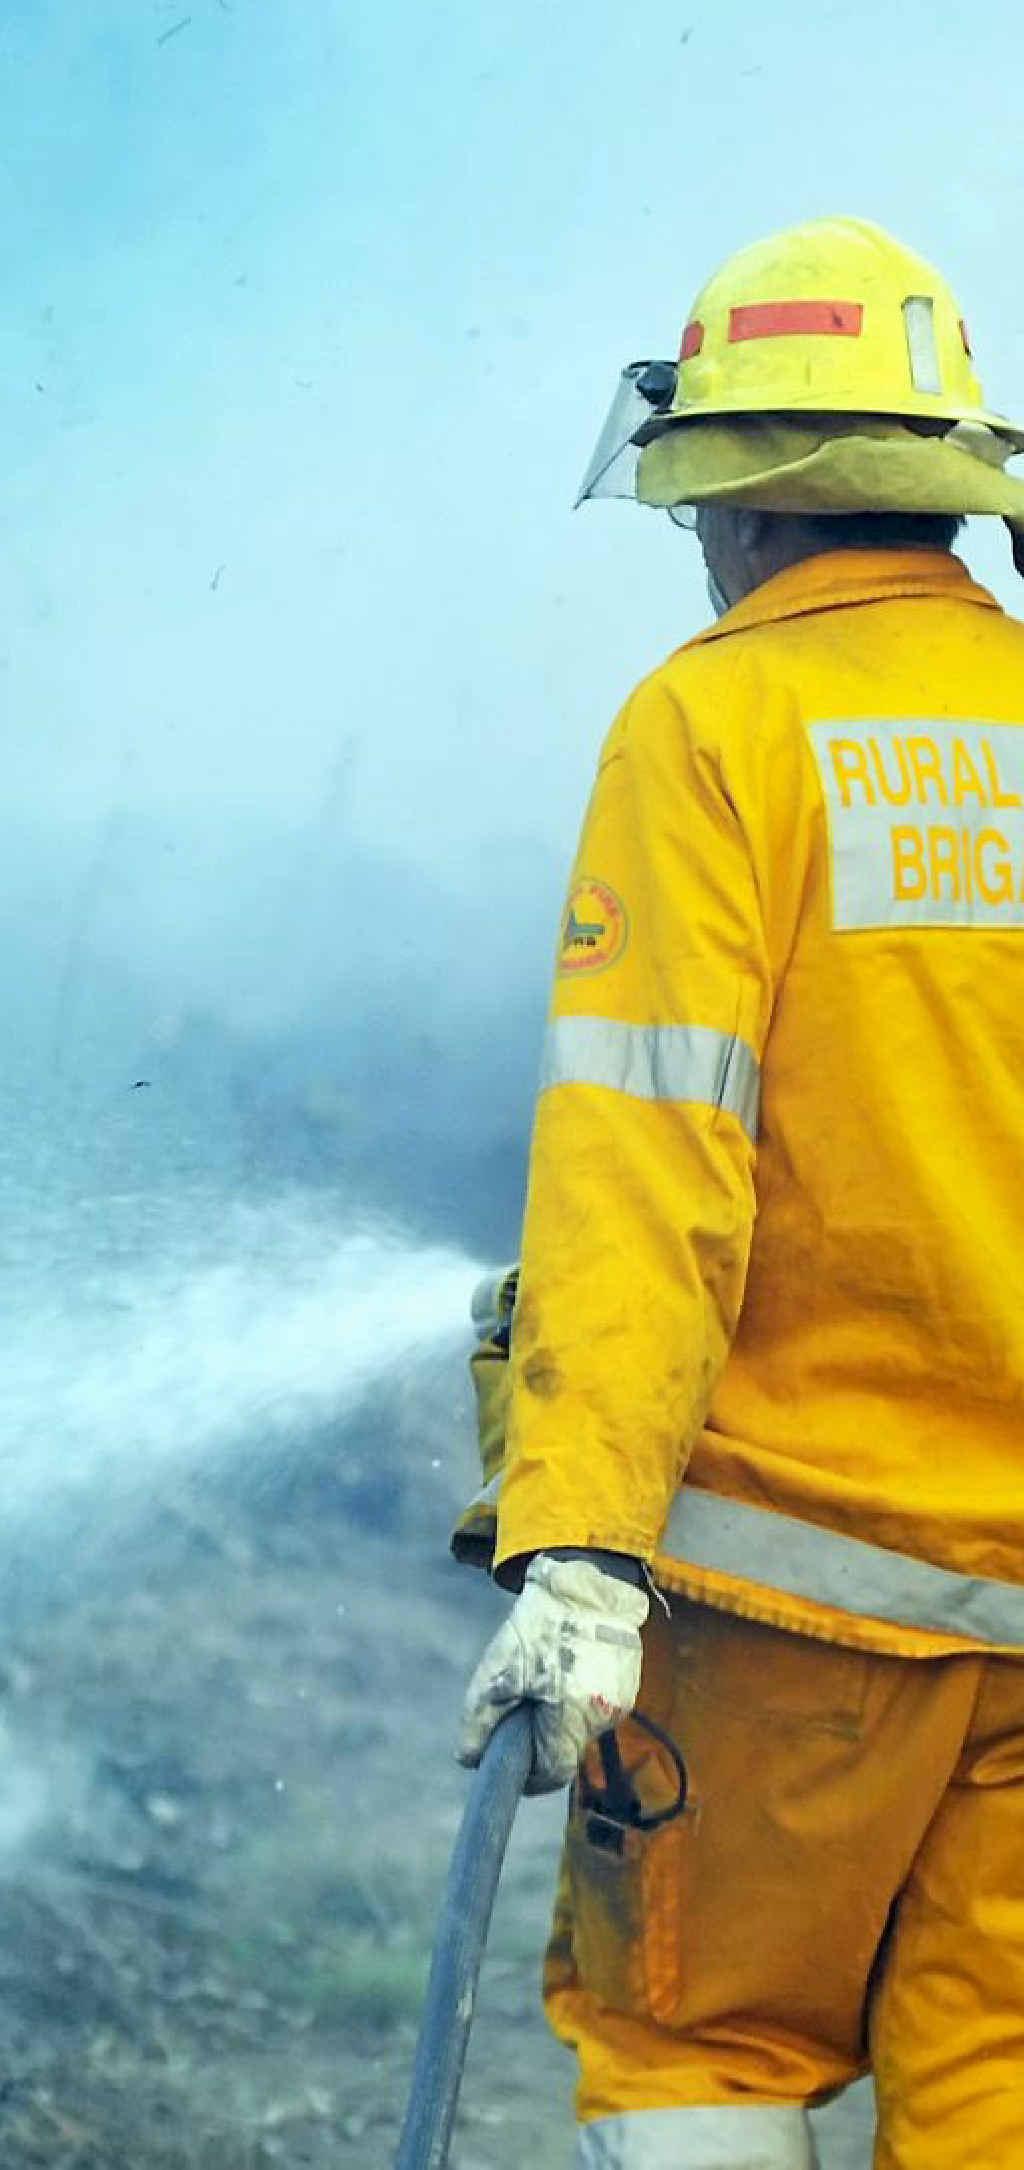 LITTLE INTEREST: The Rural Fire Brigade